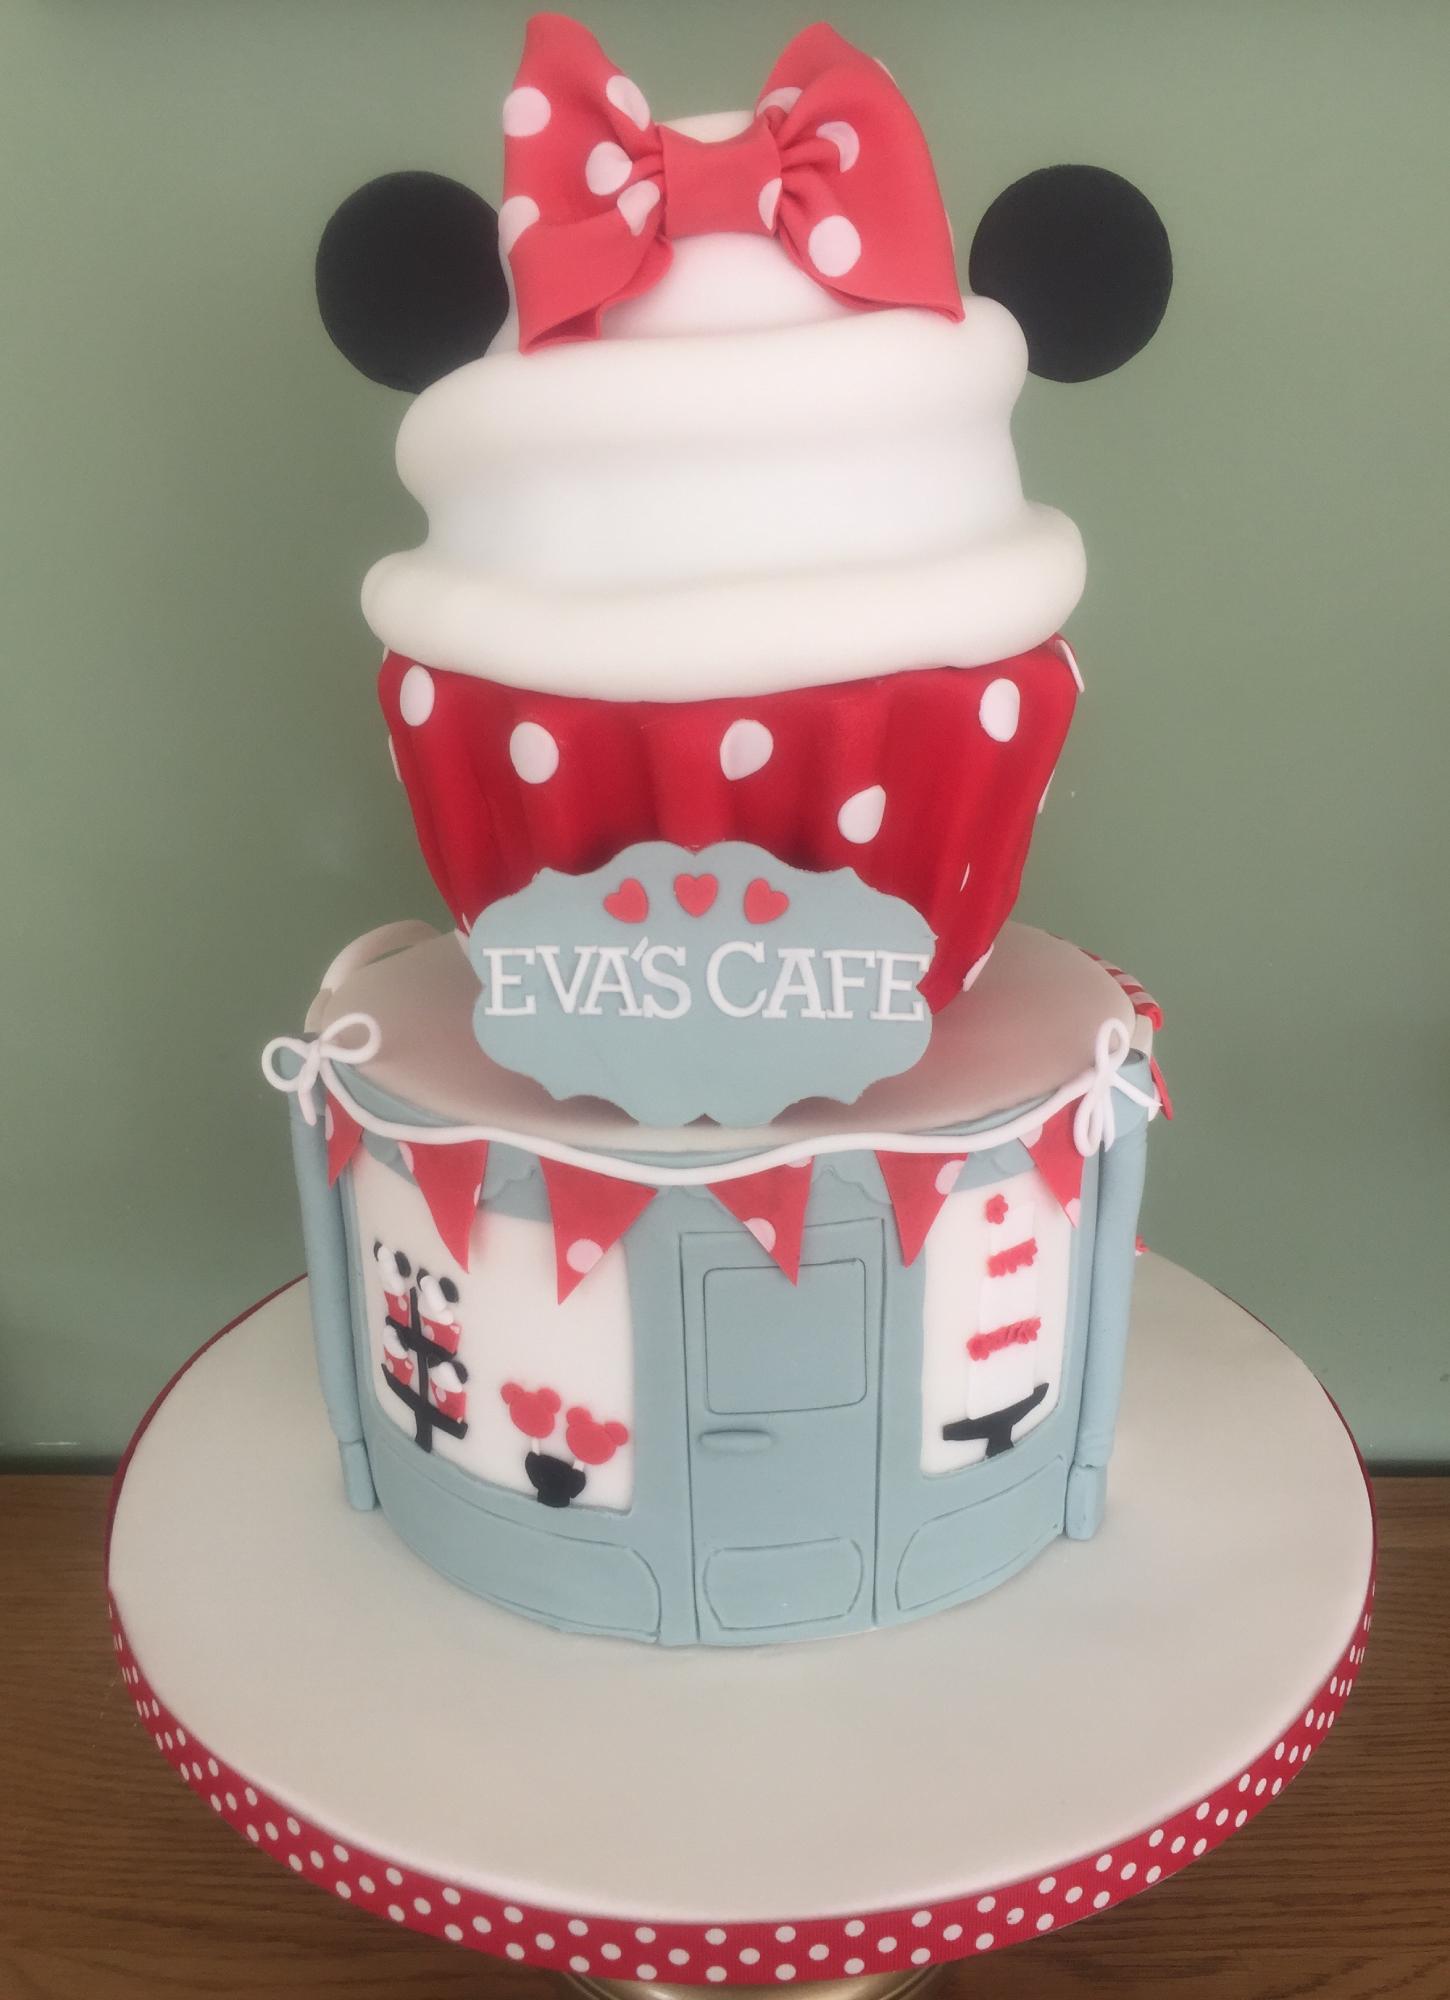 Bespoke Celebration Cake - Pat a Cakes Jersey